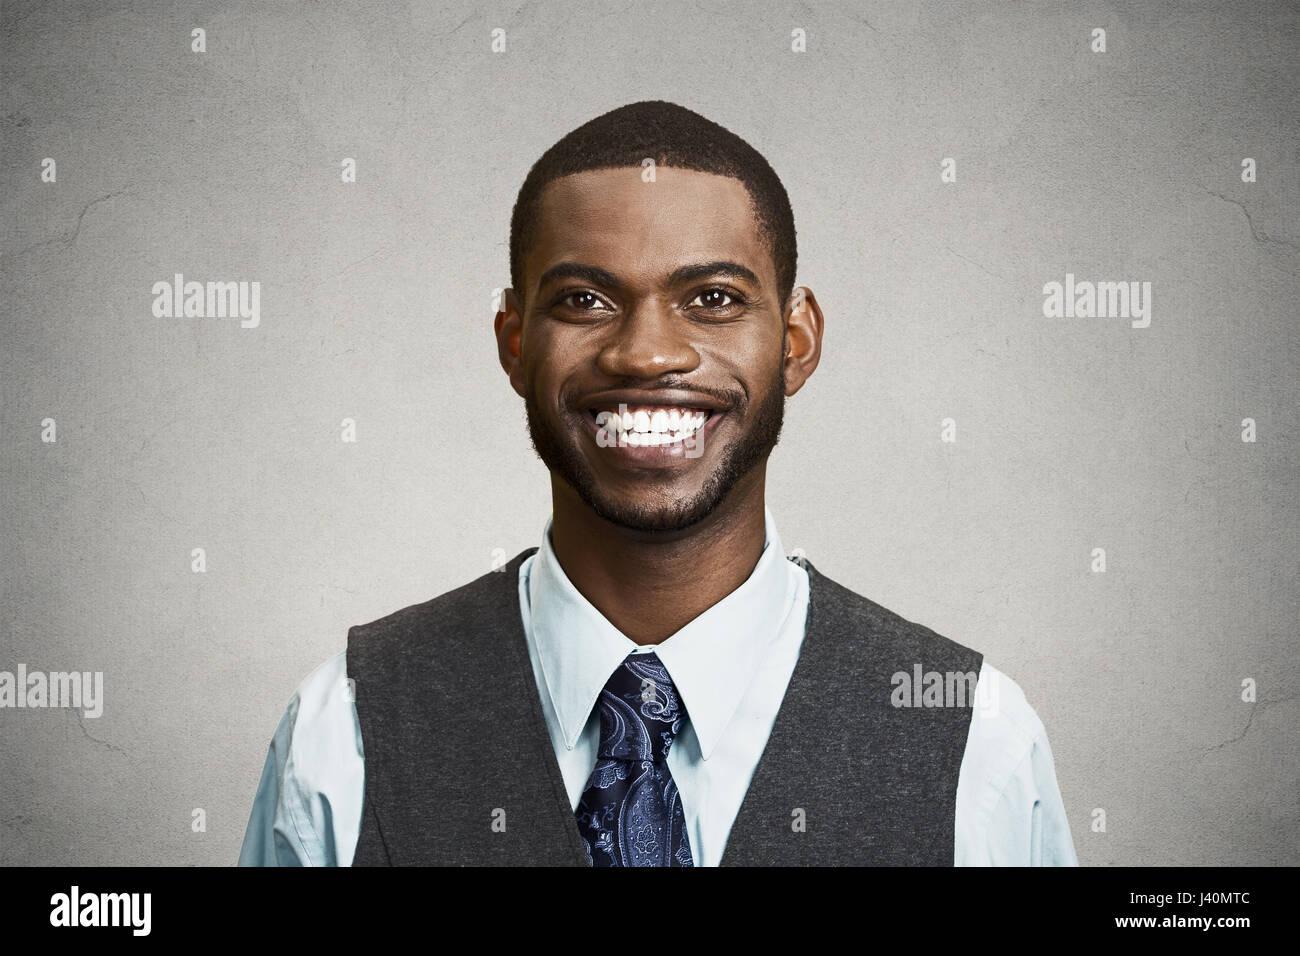 Closeup retrato, headshot, feliz, joven y apuesto hombre de negocios sonriendo, seguro de estudiante, agente inmobiliario, Imagen De Stock